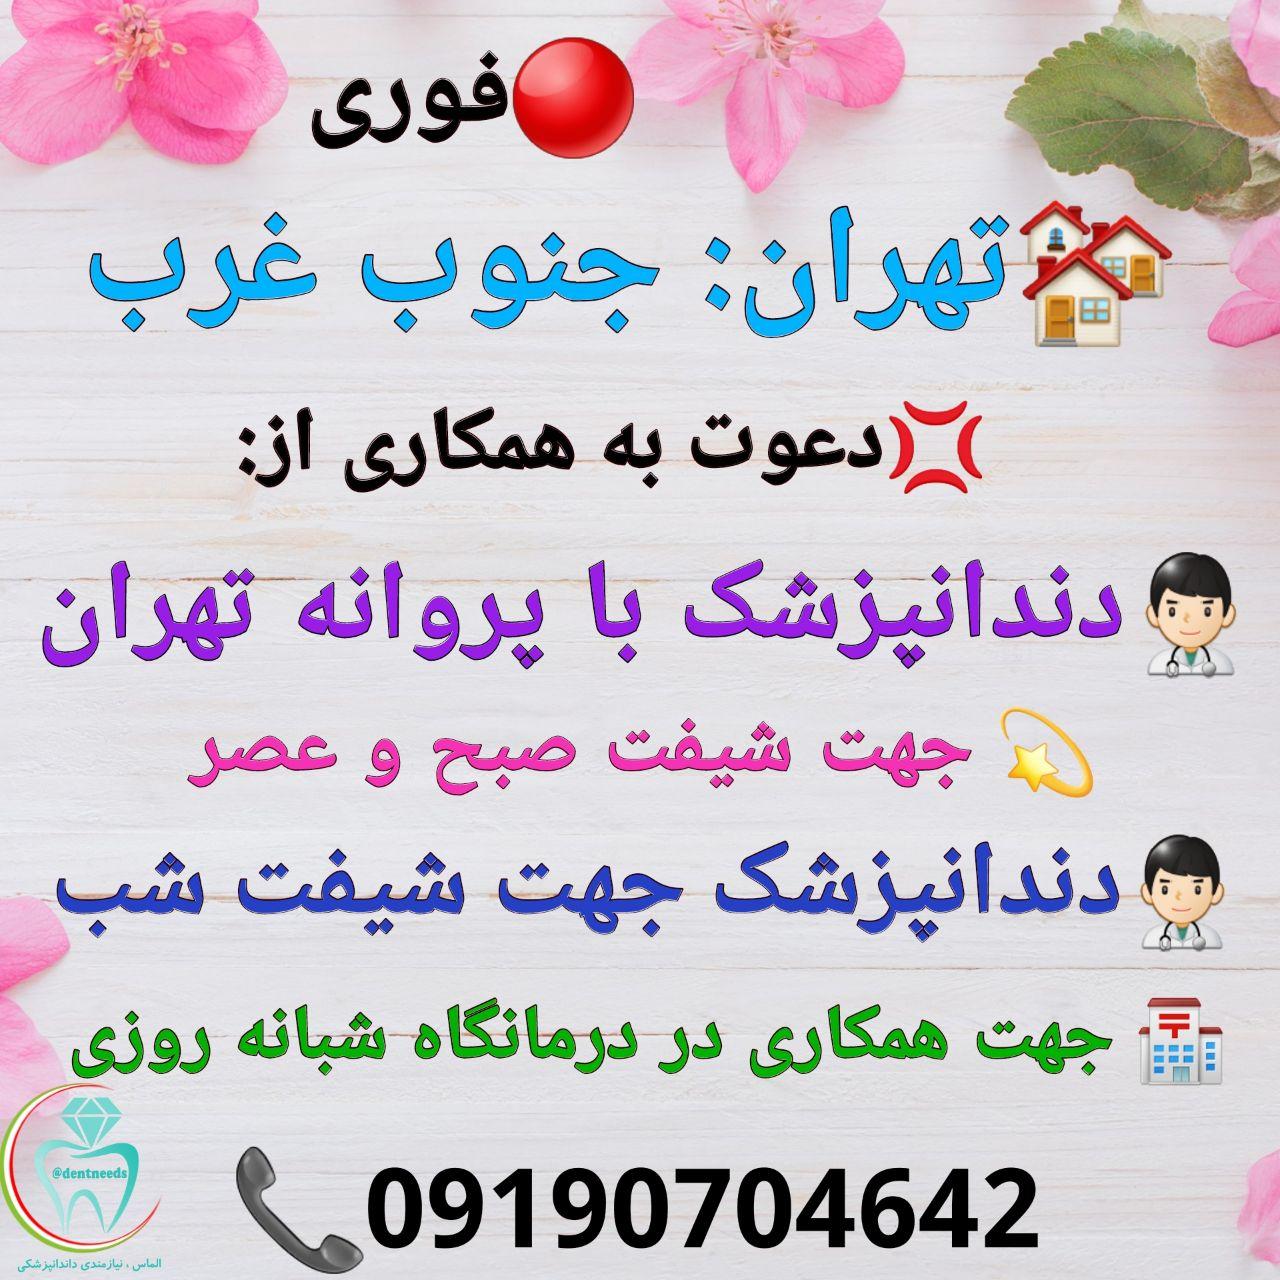 تهران: جنوب غرب، دعوت به همکاری از دندانپزشک با پروانه تهران